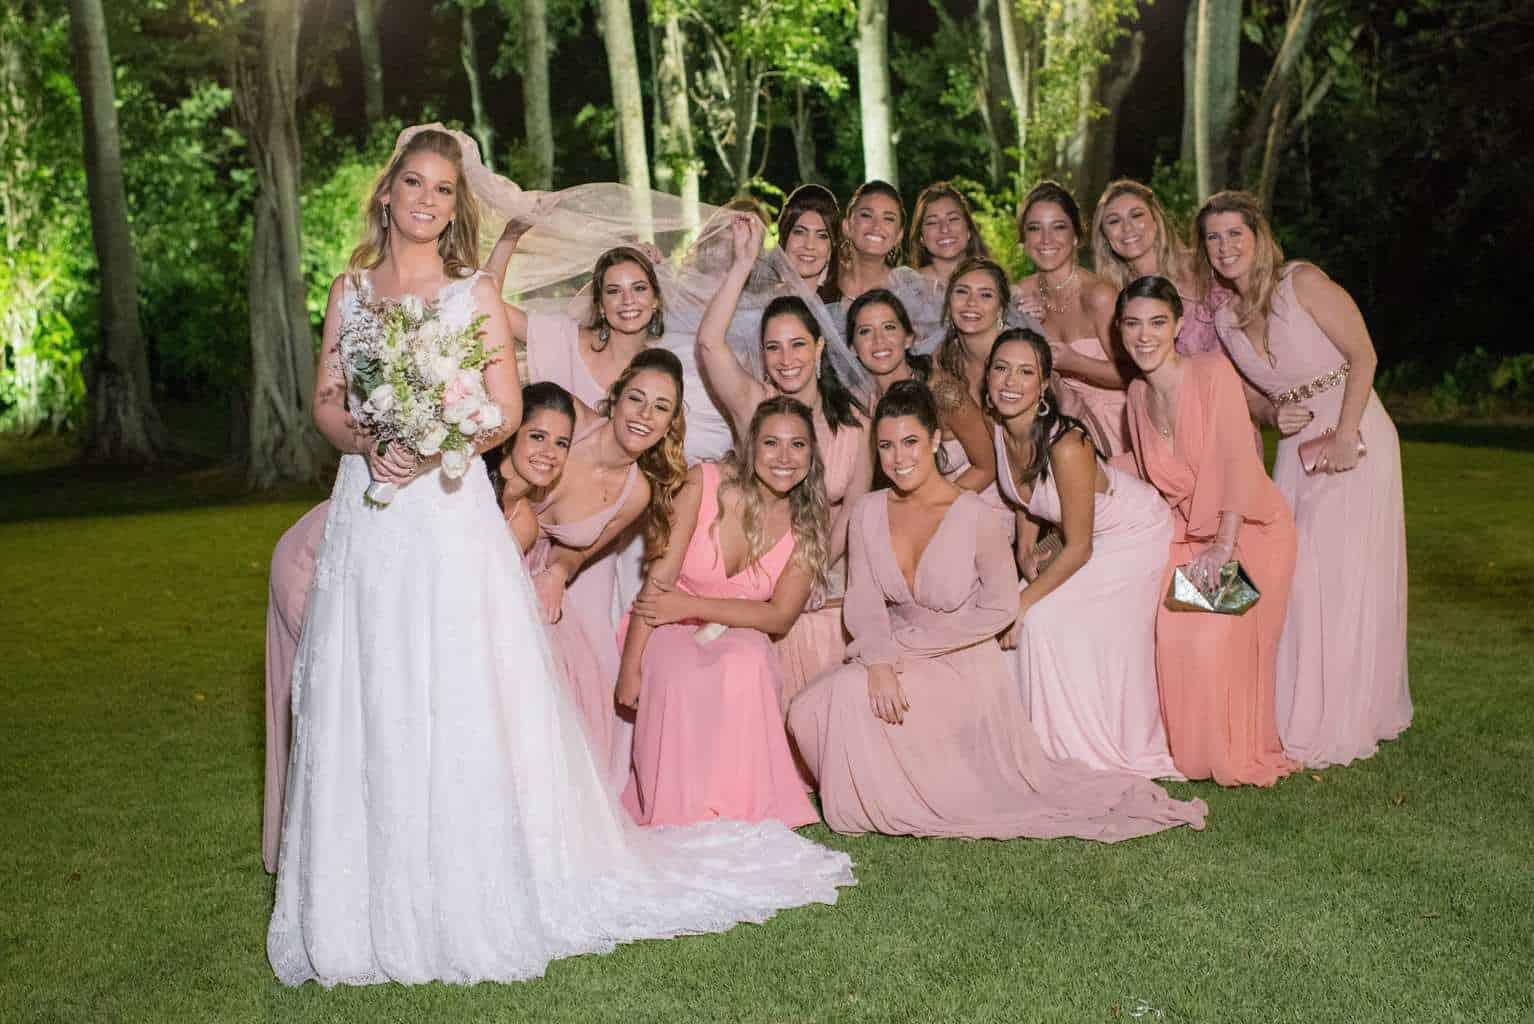 casamento-de-dia-casamento-Nicole-e-Thales-casamento-no-jardim-csasamento-ao-ar-livre-Fotografia-Marina-Fava-Galeria-Jardim-Rio-de-Janeiro-104